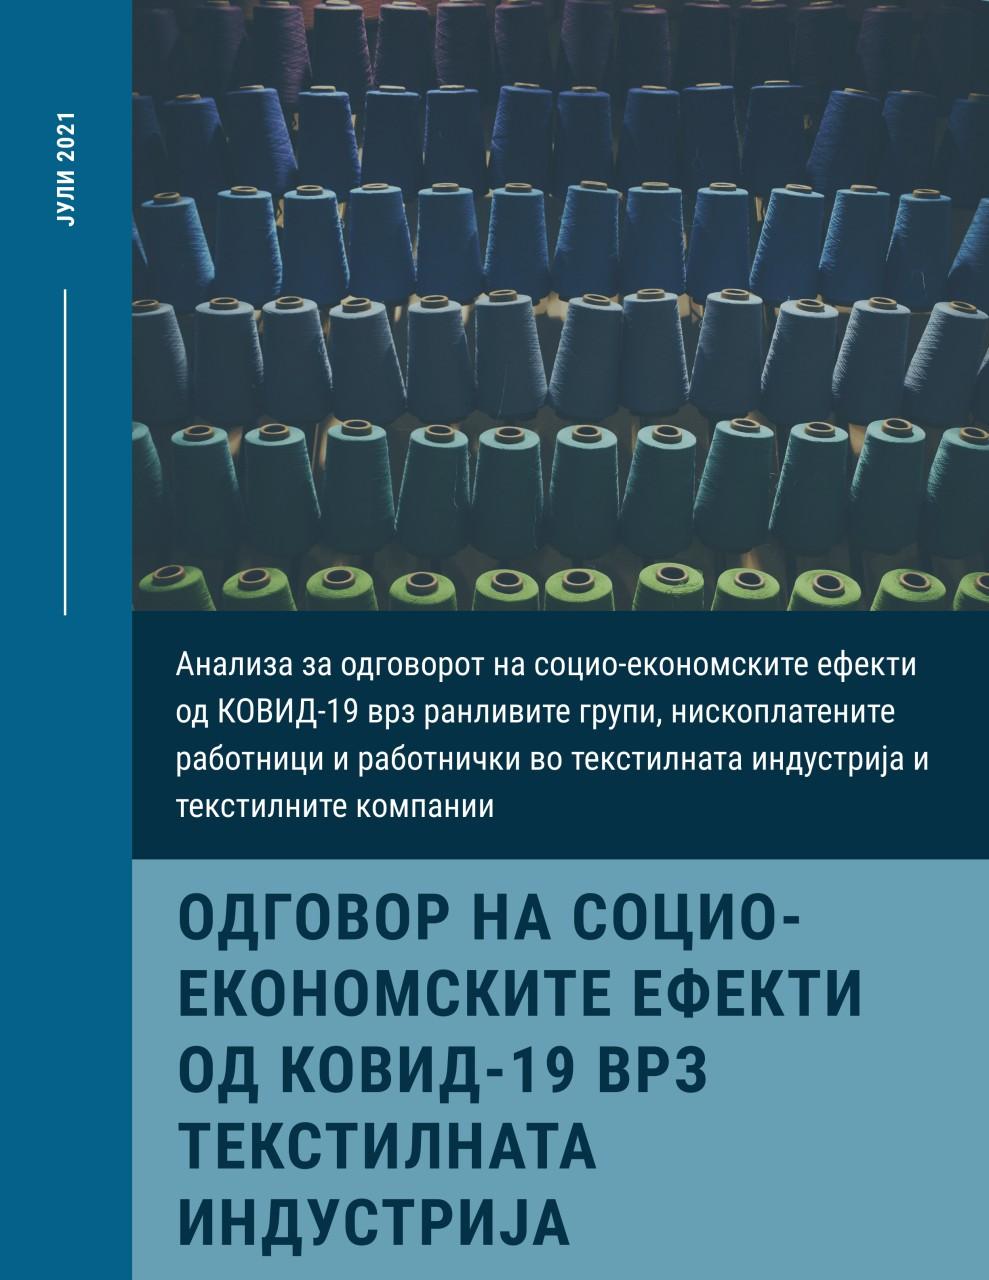 Одговор на социо-економските ефекти од КОВИД-19 врз текстилната индустрија